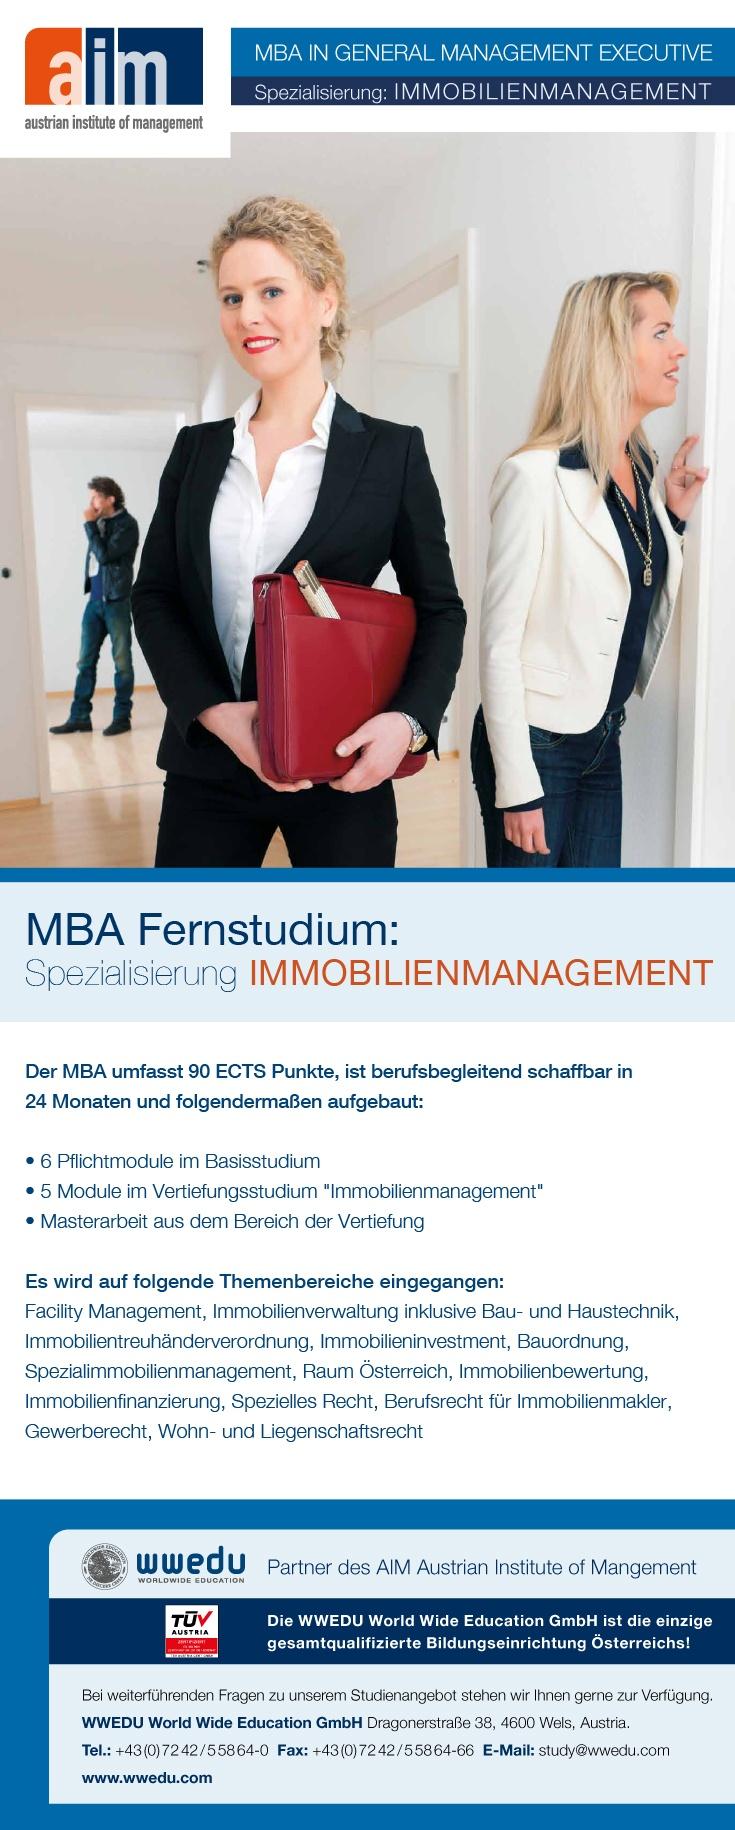 """MBA Fernstudium: Spezialisierung """"Immobilienmanagement"""" : Es wird auf folgende Themenbereiche eingegangen: Facility Management, Immobilienverwaltung inklusive Bau- und Haustechnik, Immobilientreuhänderverordnung, Immobilieninvestment, Bauordnung, Spezialimmobilienmanagement, Raum Österreich, Immobilienbewertung, Immobilienfinanzierung, Spezielles Recht, Berufsrecht für Immobilienmakler, Gewerberecht, Wohn- und Liegenschaftsrecht. #mba #immo #fernstudium #weiterbildung #realestate #makler"""